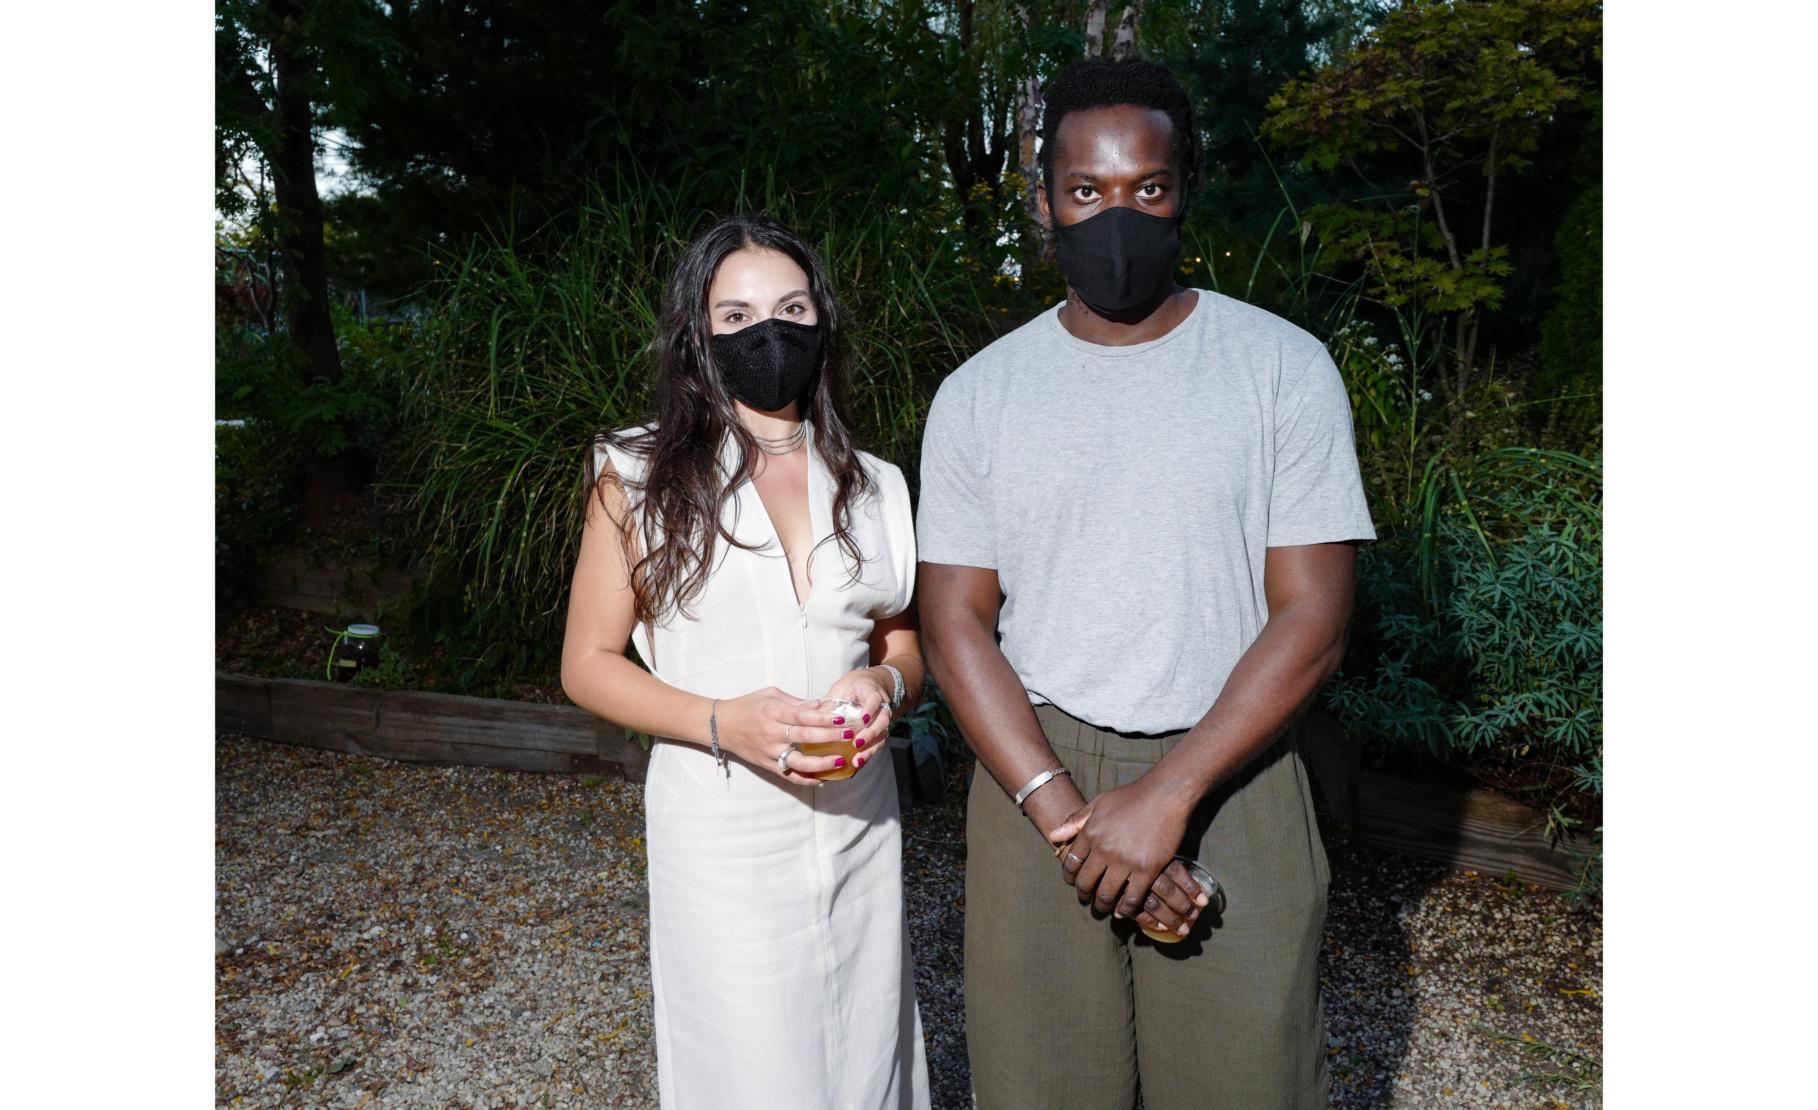 Hannah Gottlieb-Graham and Tunji Adeniyi-Jones